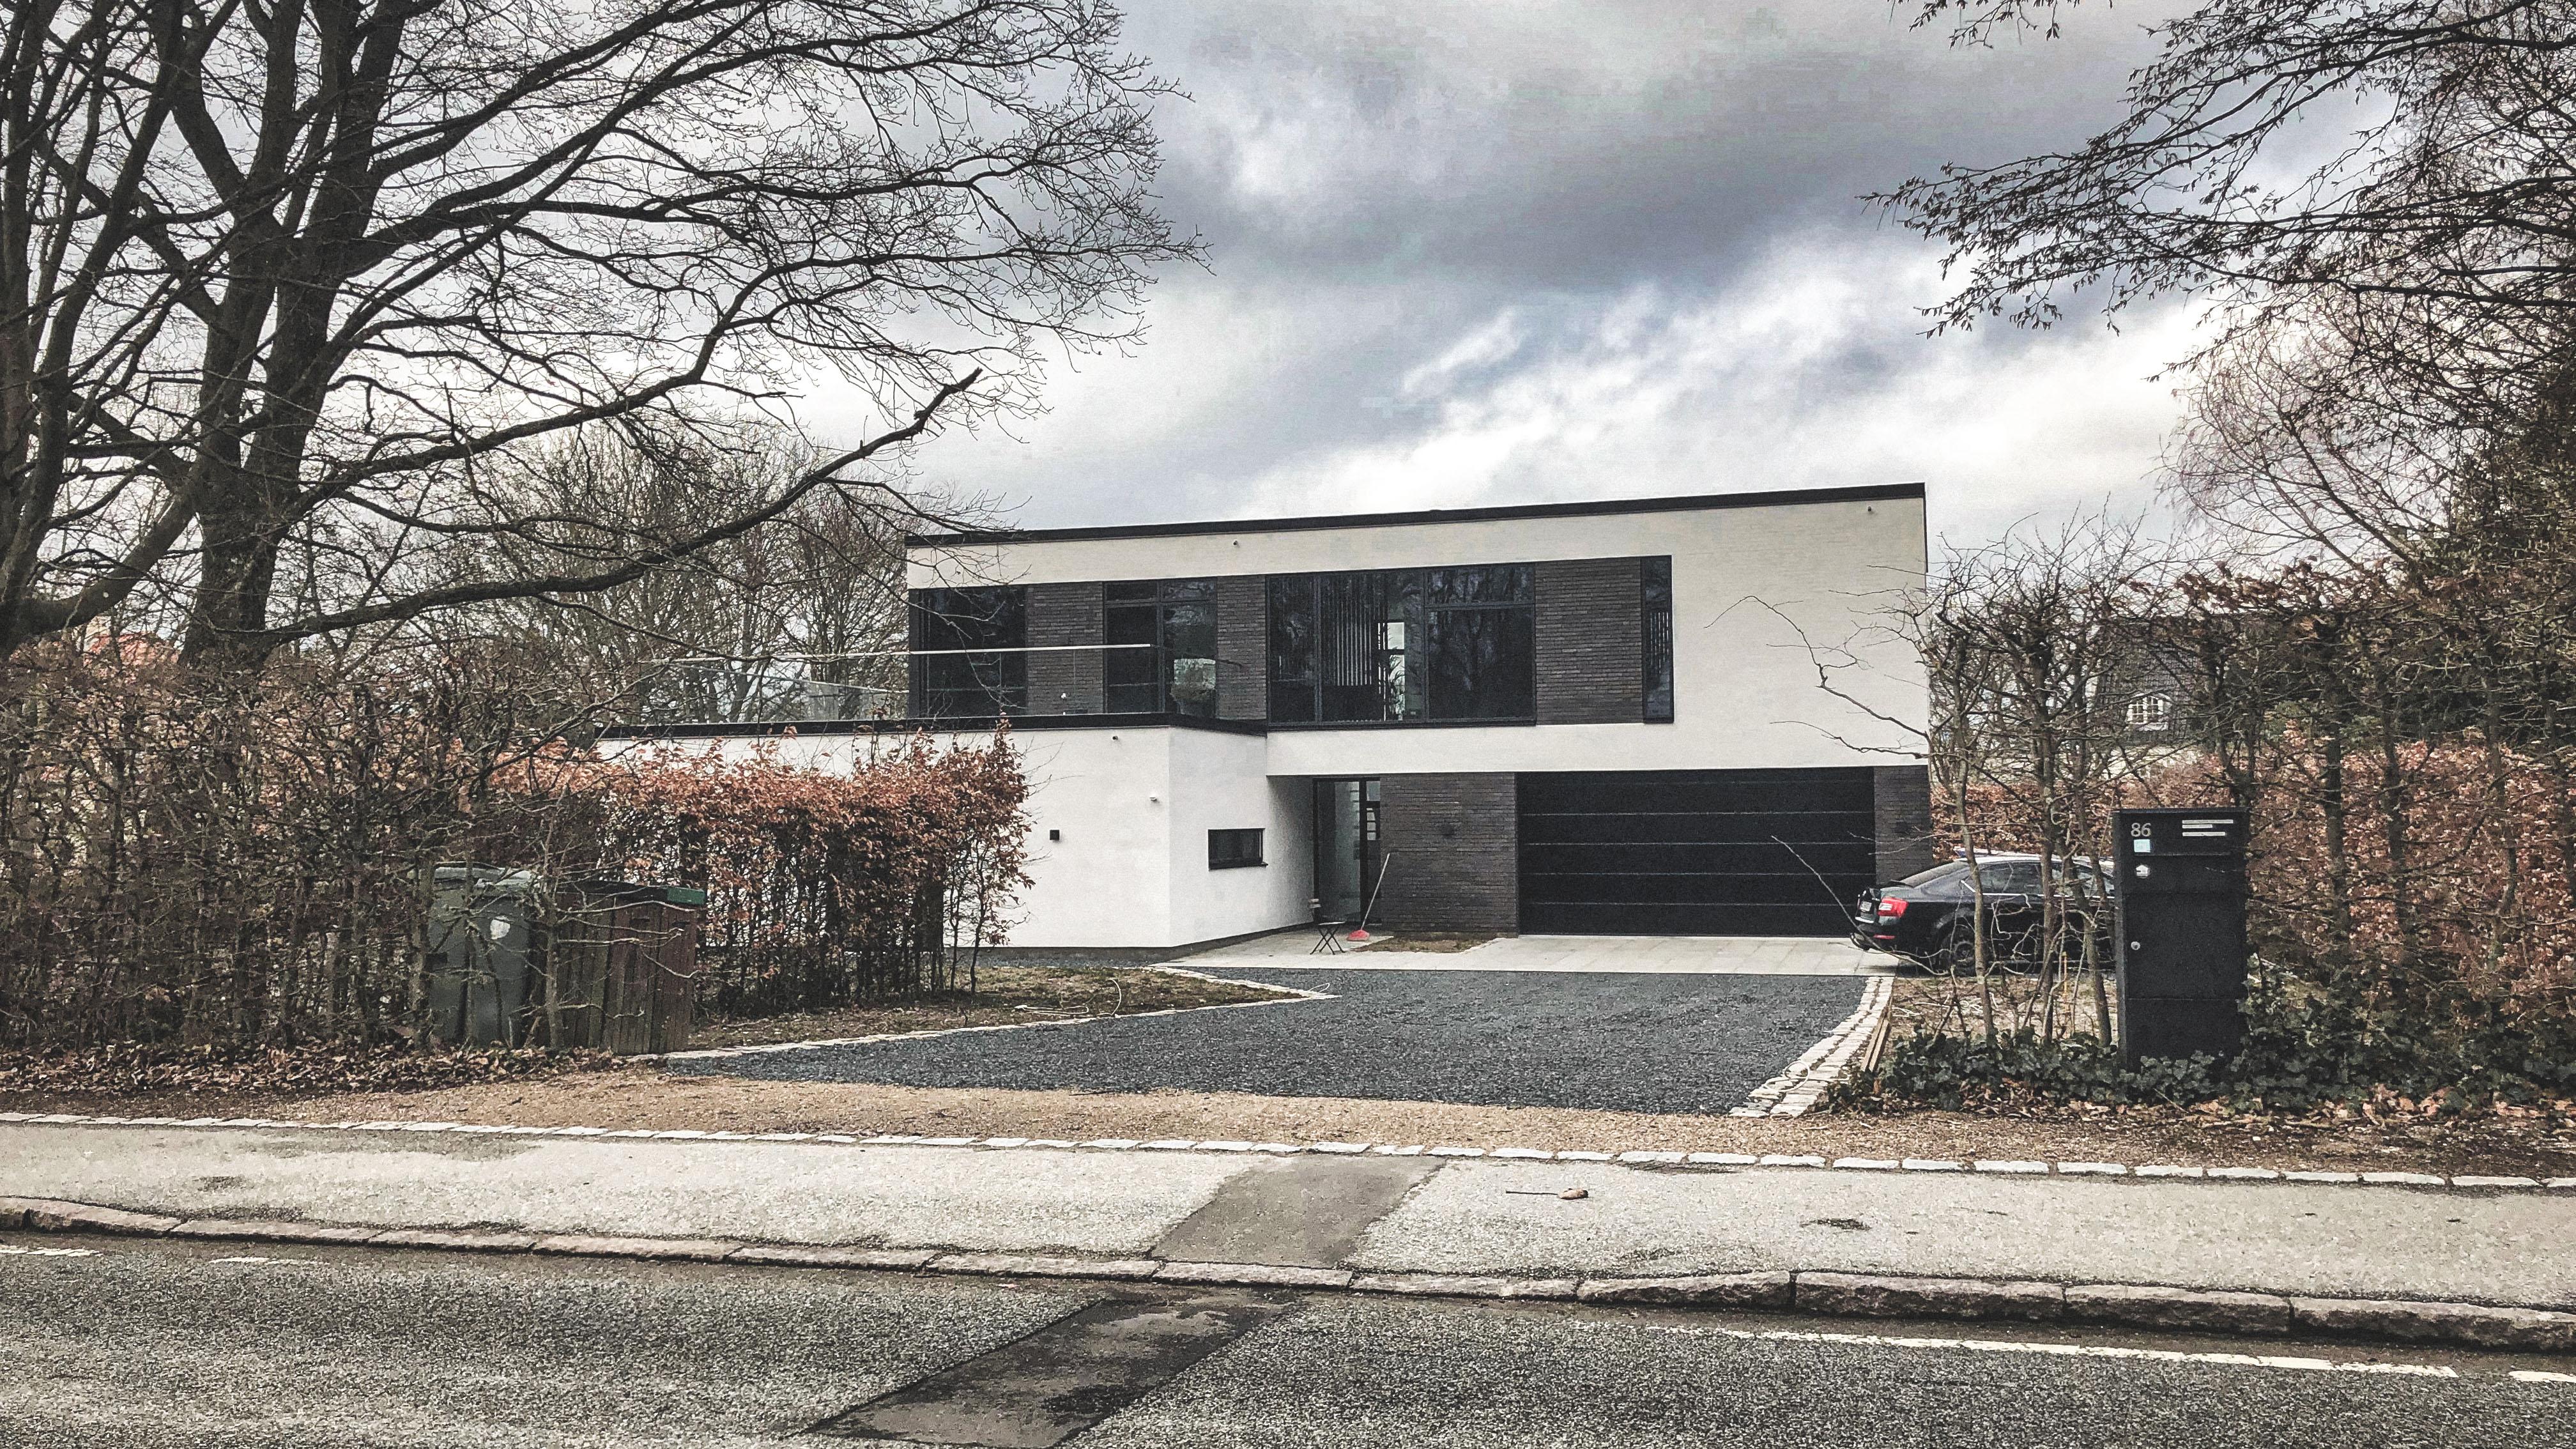 Billede af Dansk arkitekttegnet 2plans villa af arkitektfirmaet m2plus.